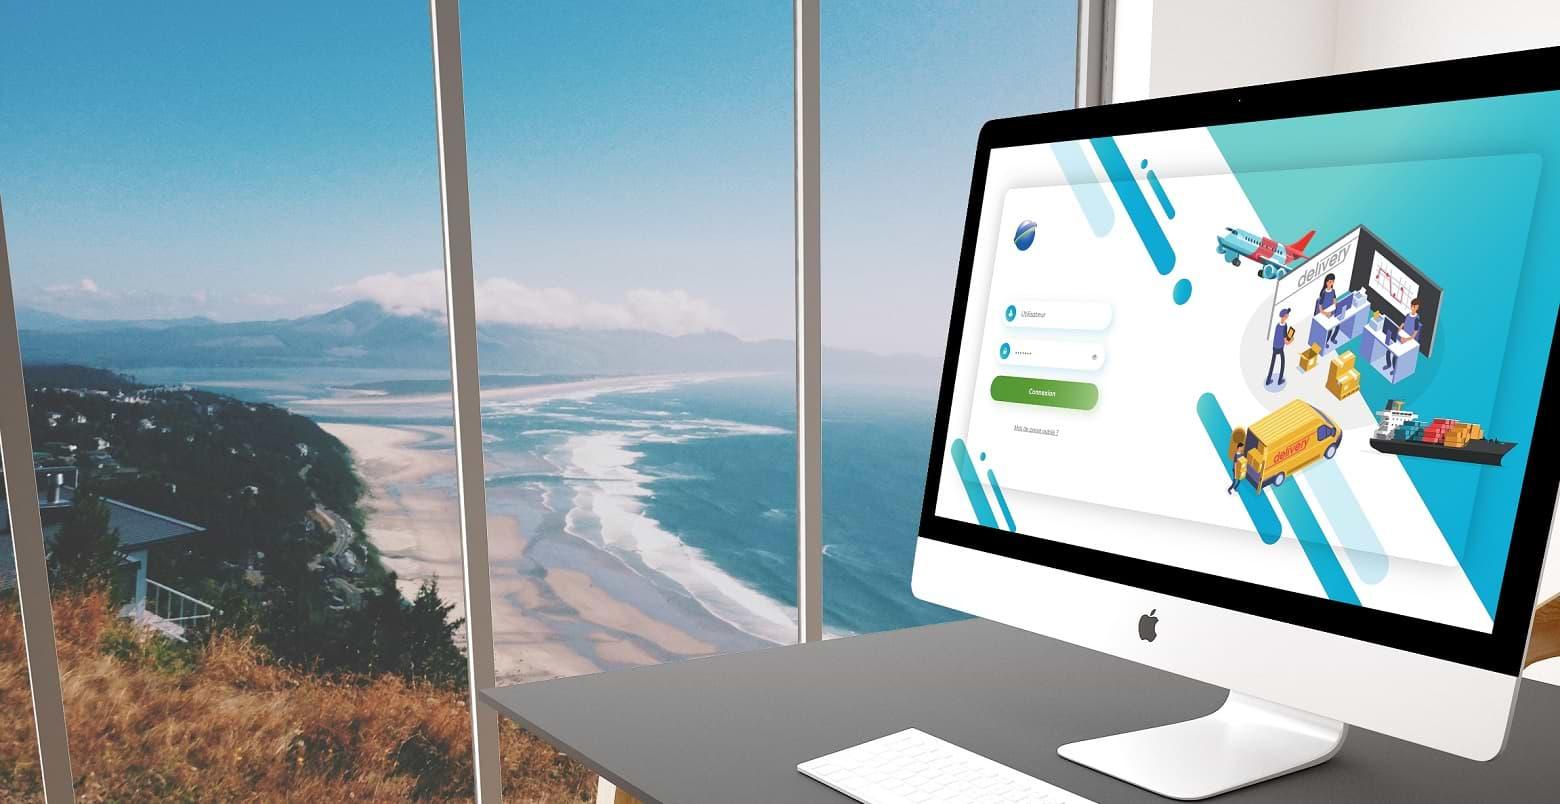 UI / UX Design CRM open source pour une entreprise de transport à Mazamet (Tarn) - Transport, logistique, livraison, mobilité.